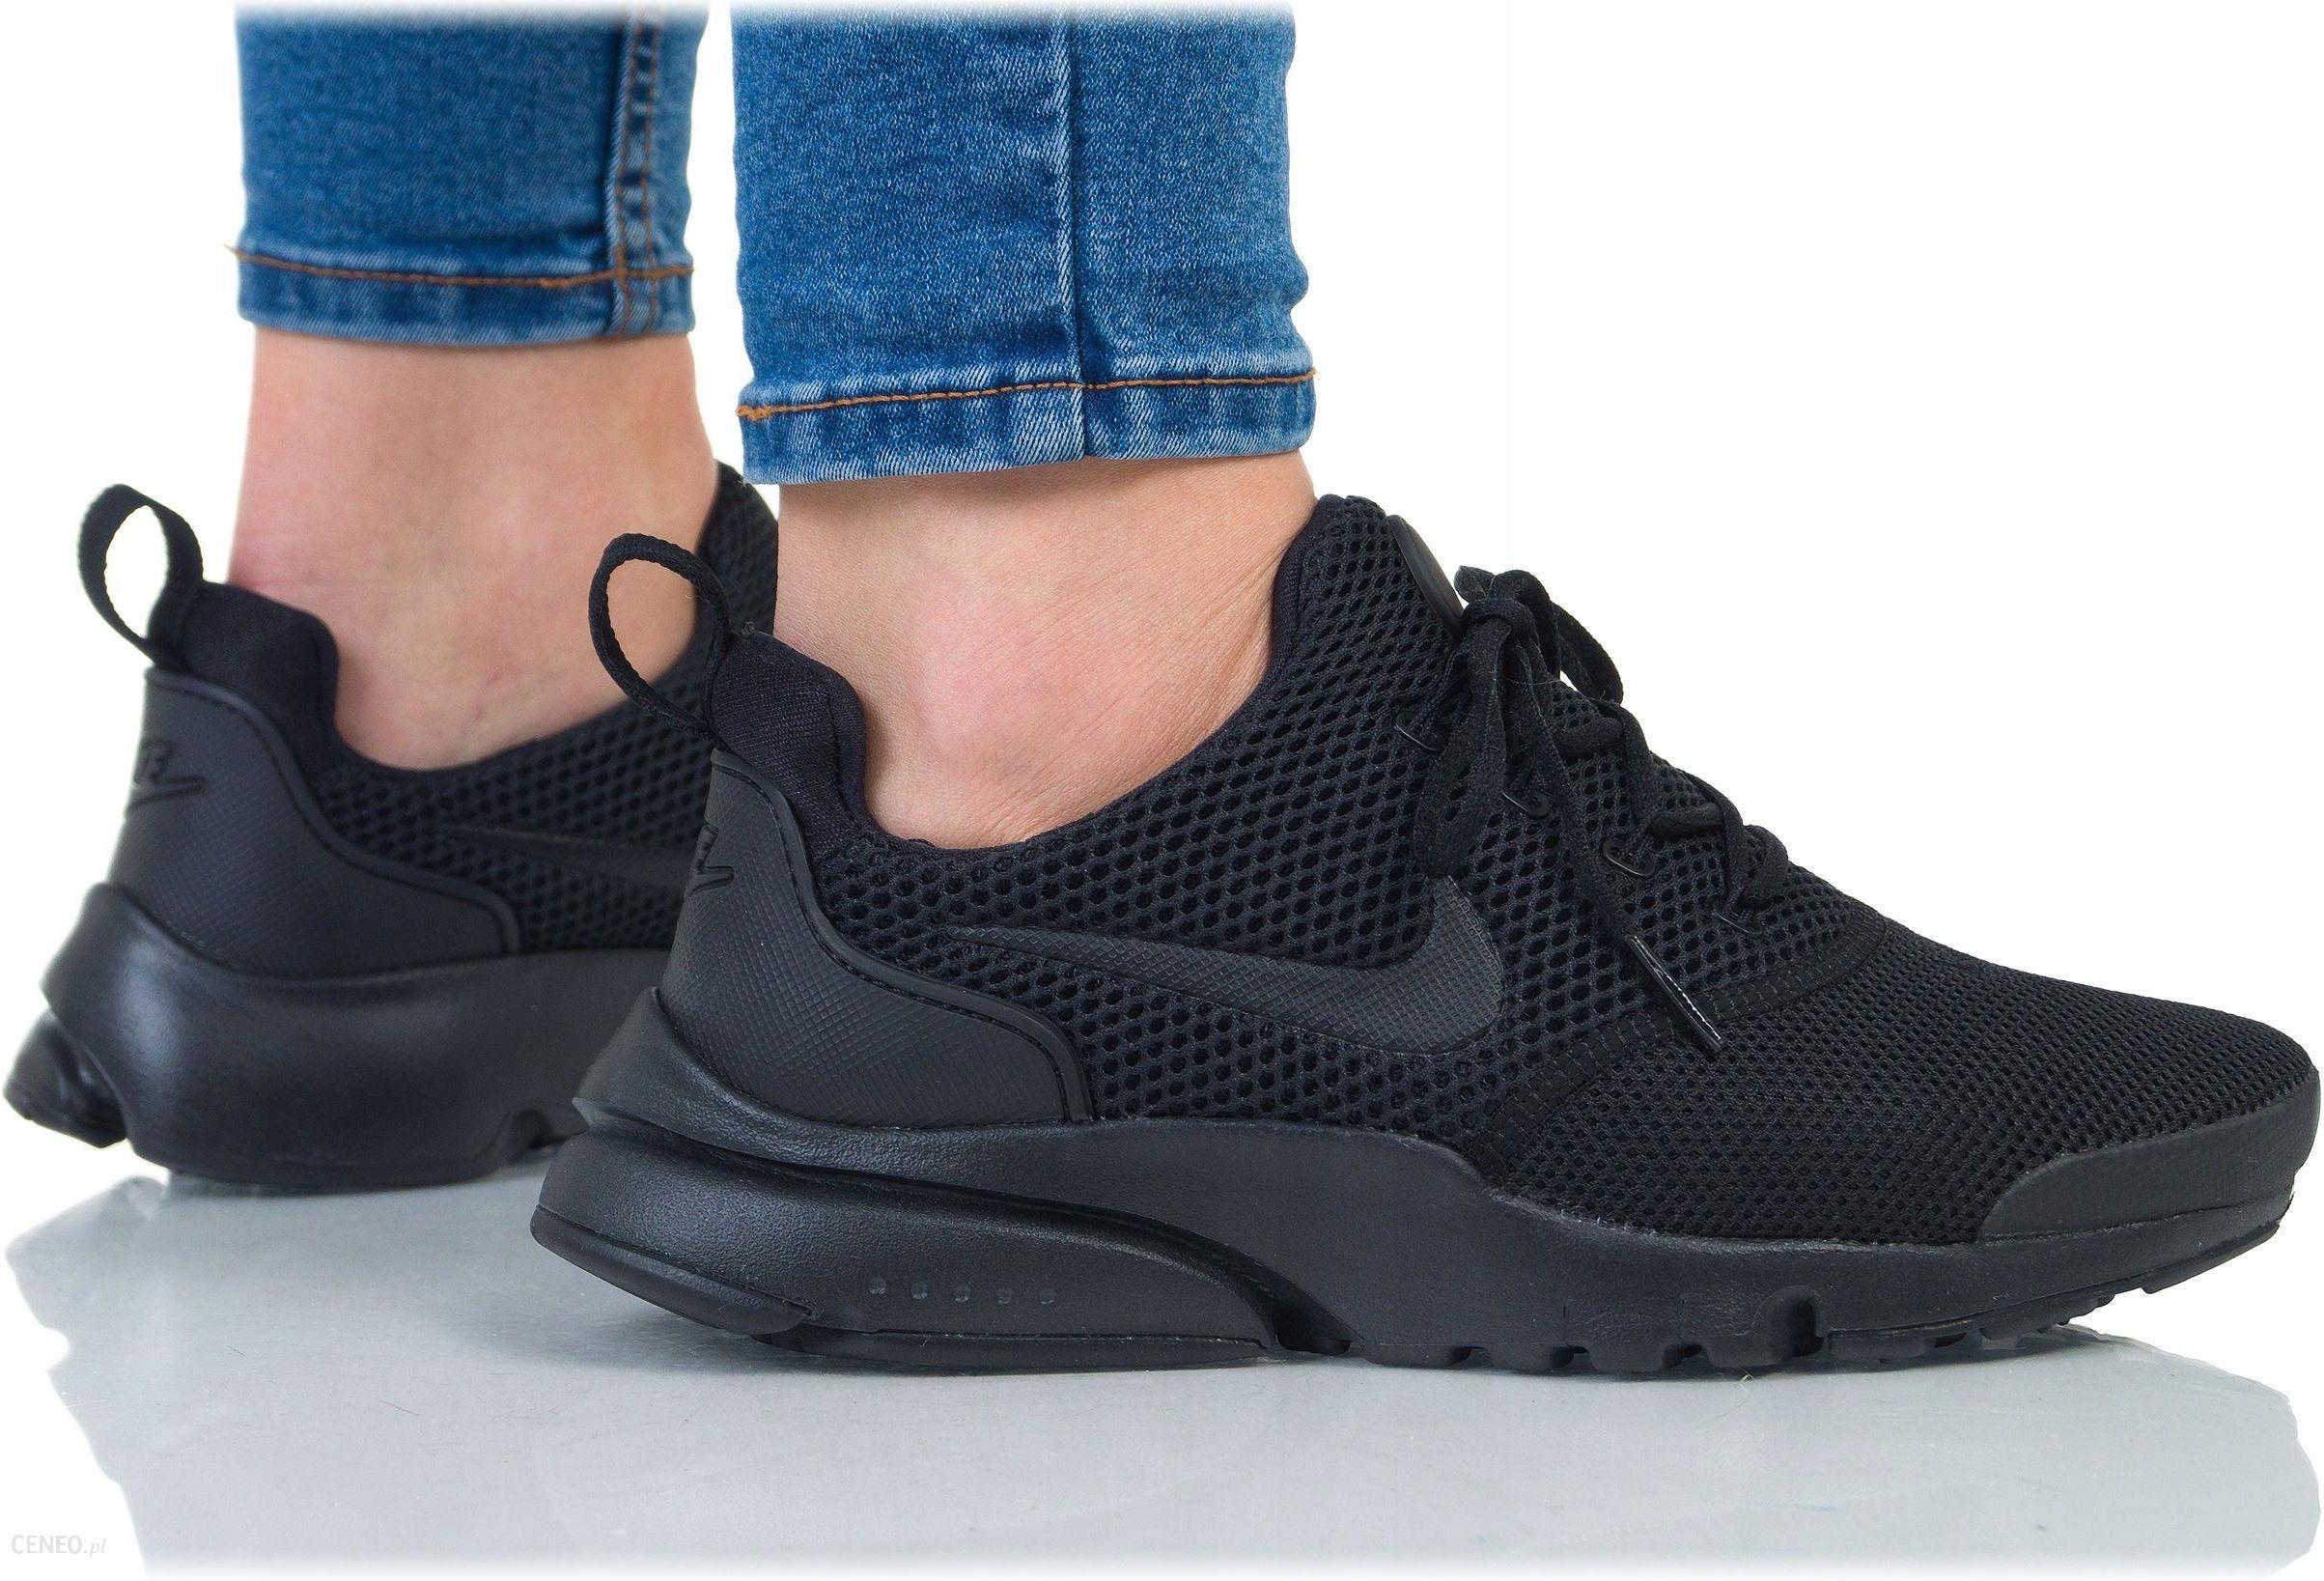 ceny odprawy najlepsze trampki autentyczny Buty Nike Damskie Presto Fly Gs 913966-001 Czarne - Ceny i opinie - Ceneo.pl